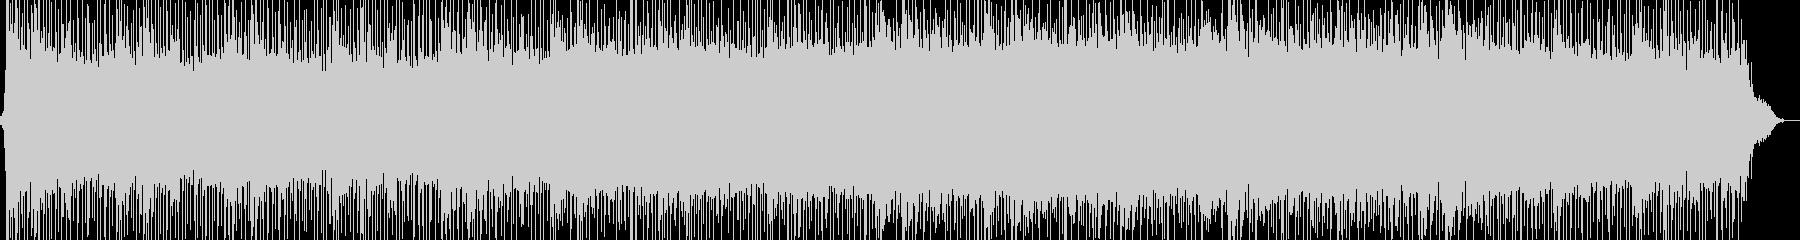 あらゆるプロジェクトの音楽の未再生の波形